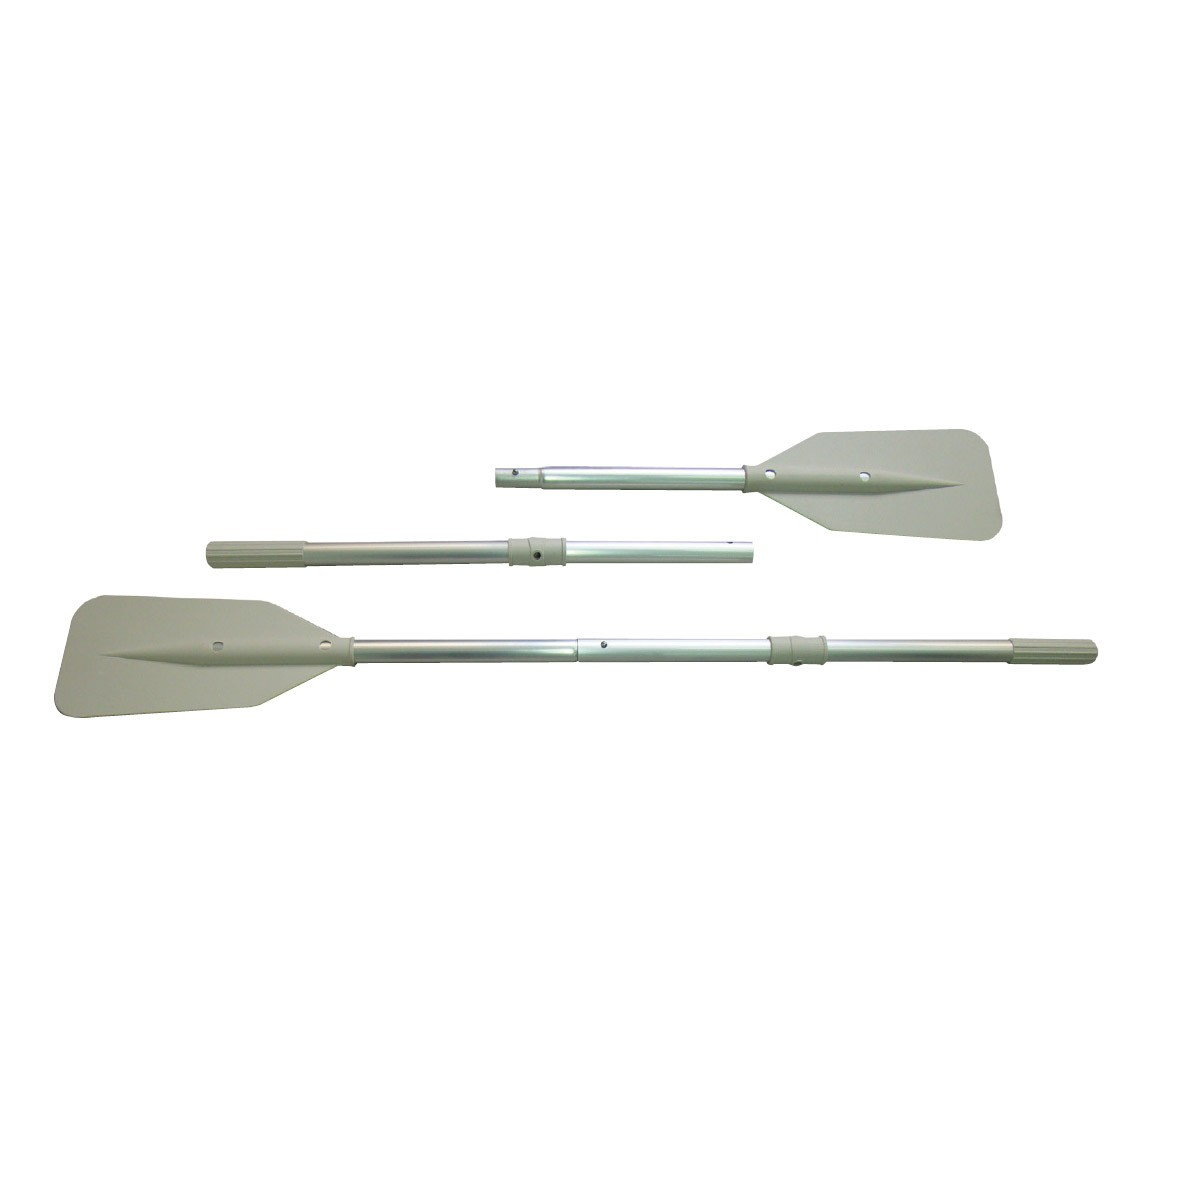 40.68 - Κουπιά Σπαστά Φουσκωτού Μήκους 75-143cm (Ζεύγος)